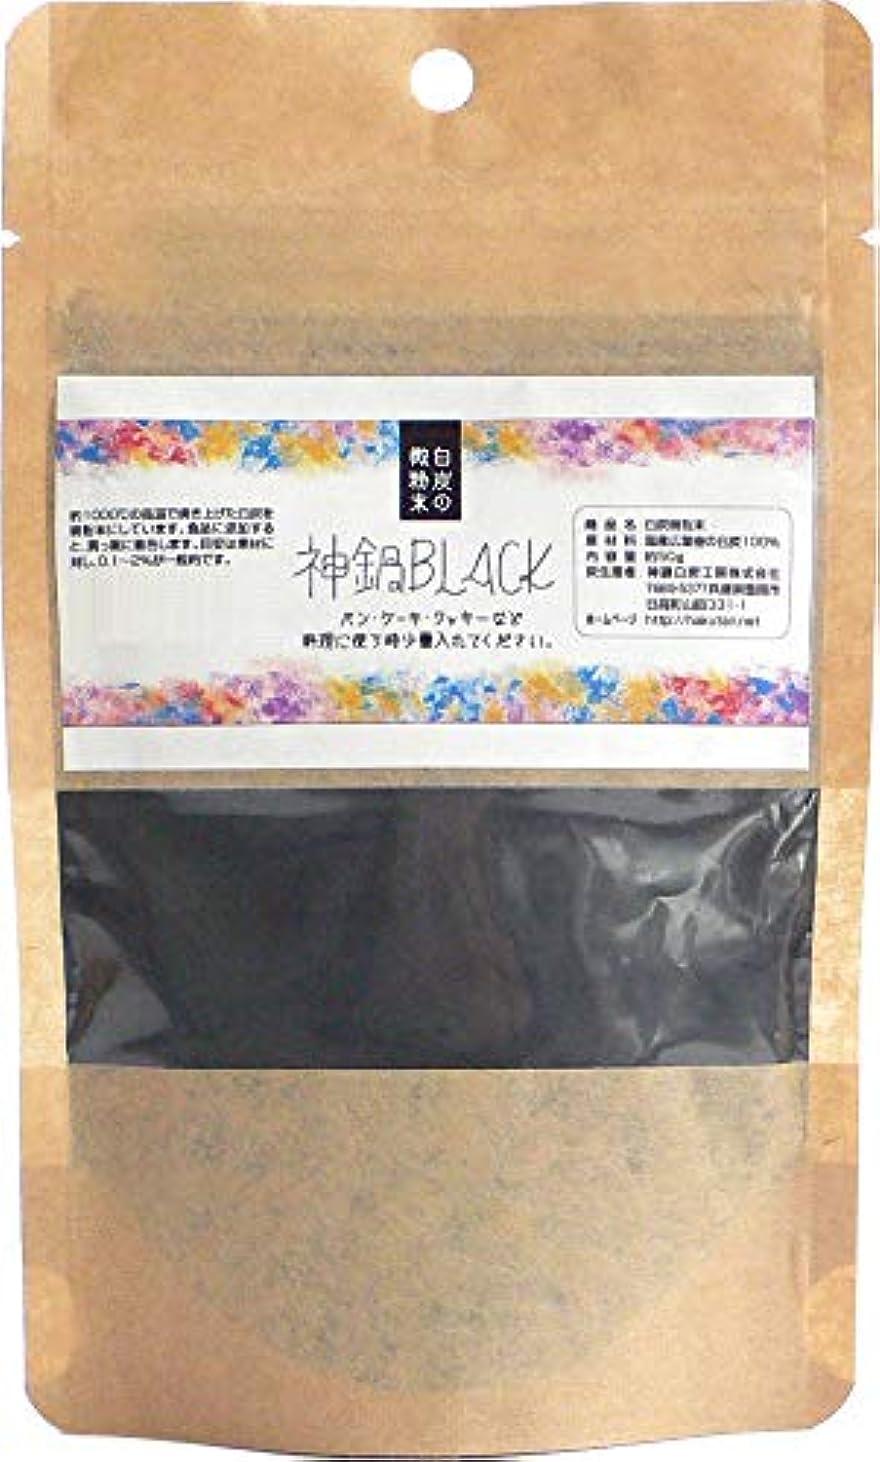 苦い世代ドライ炭パウダー チャコール 食用 クレンズ 炭 50g 10ミクロン 着色料 神鍋BLACK 兵庫県産